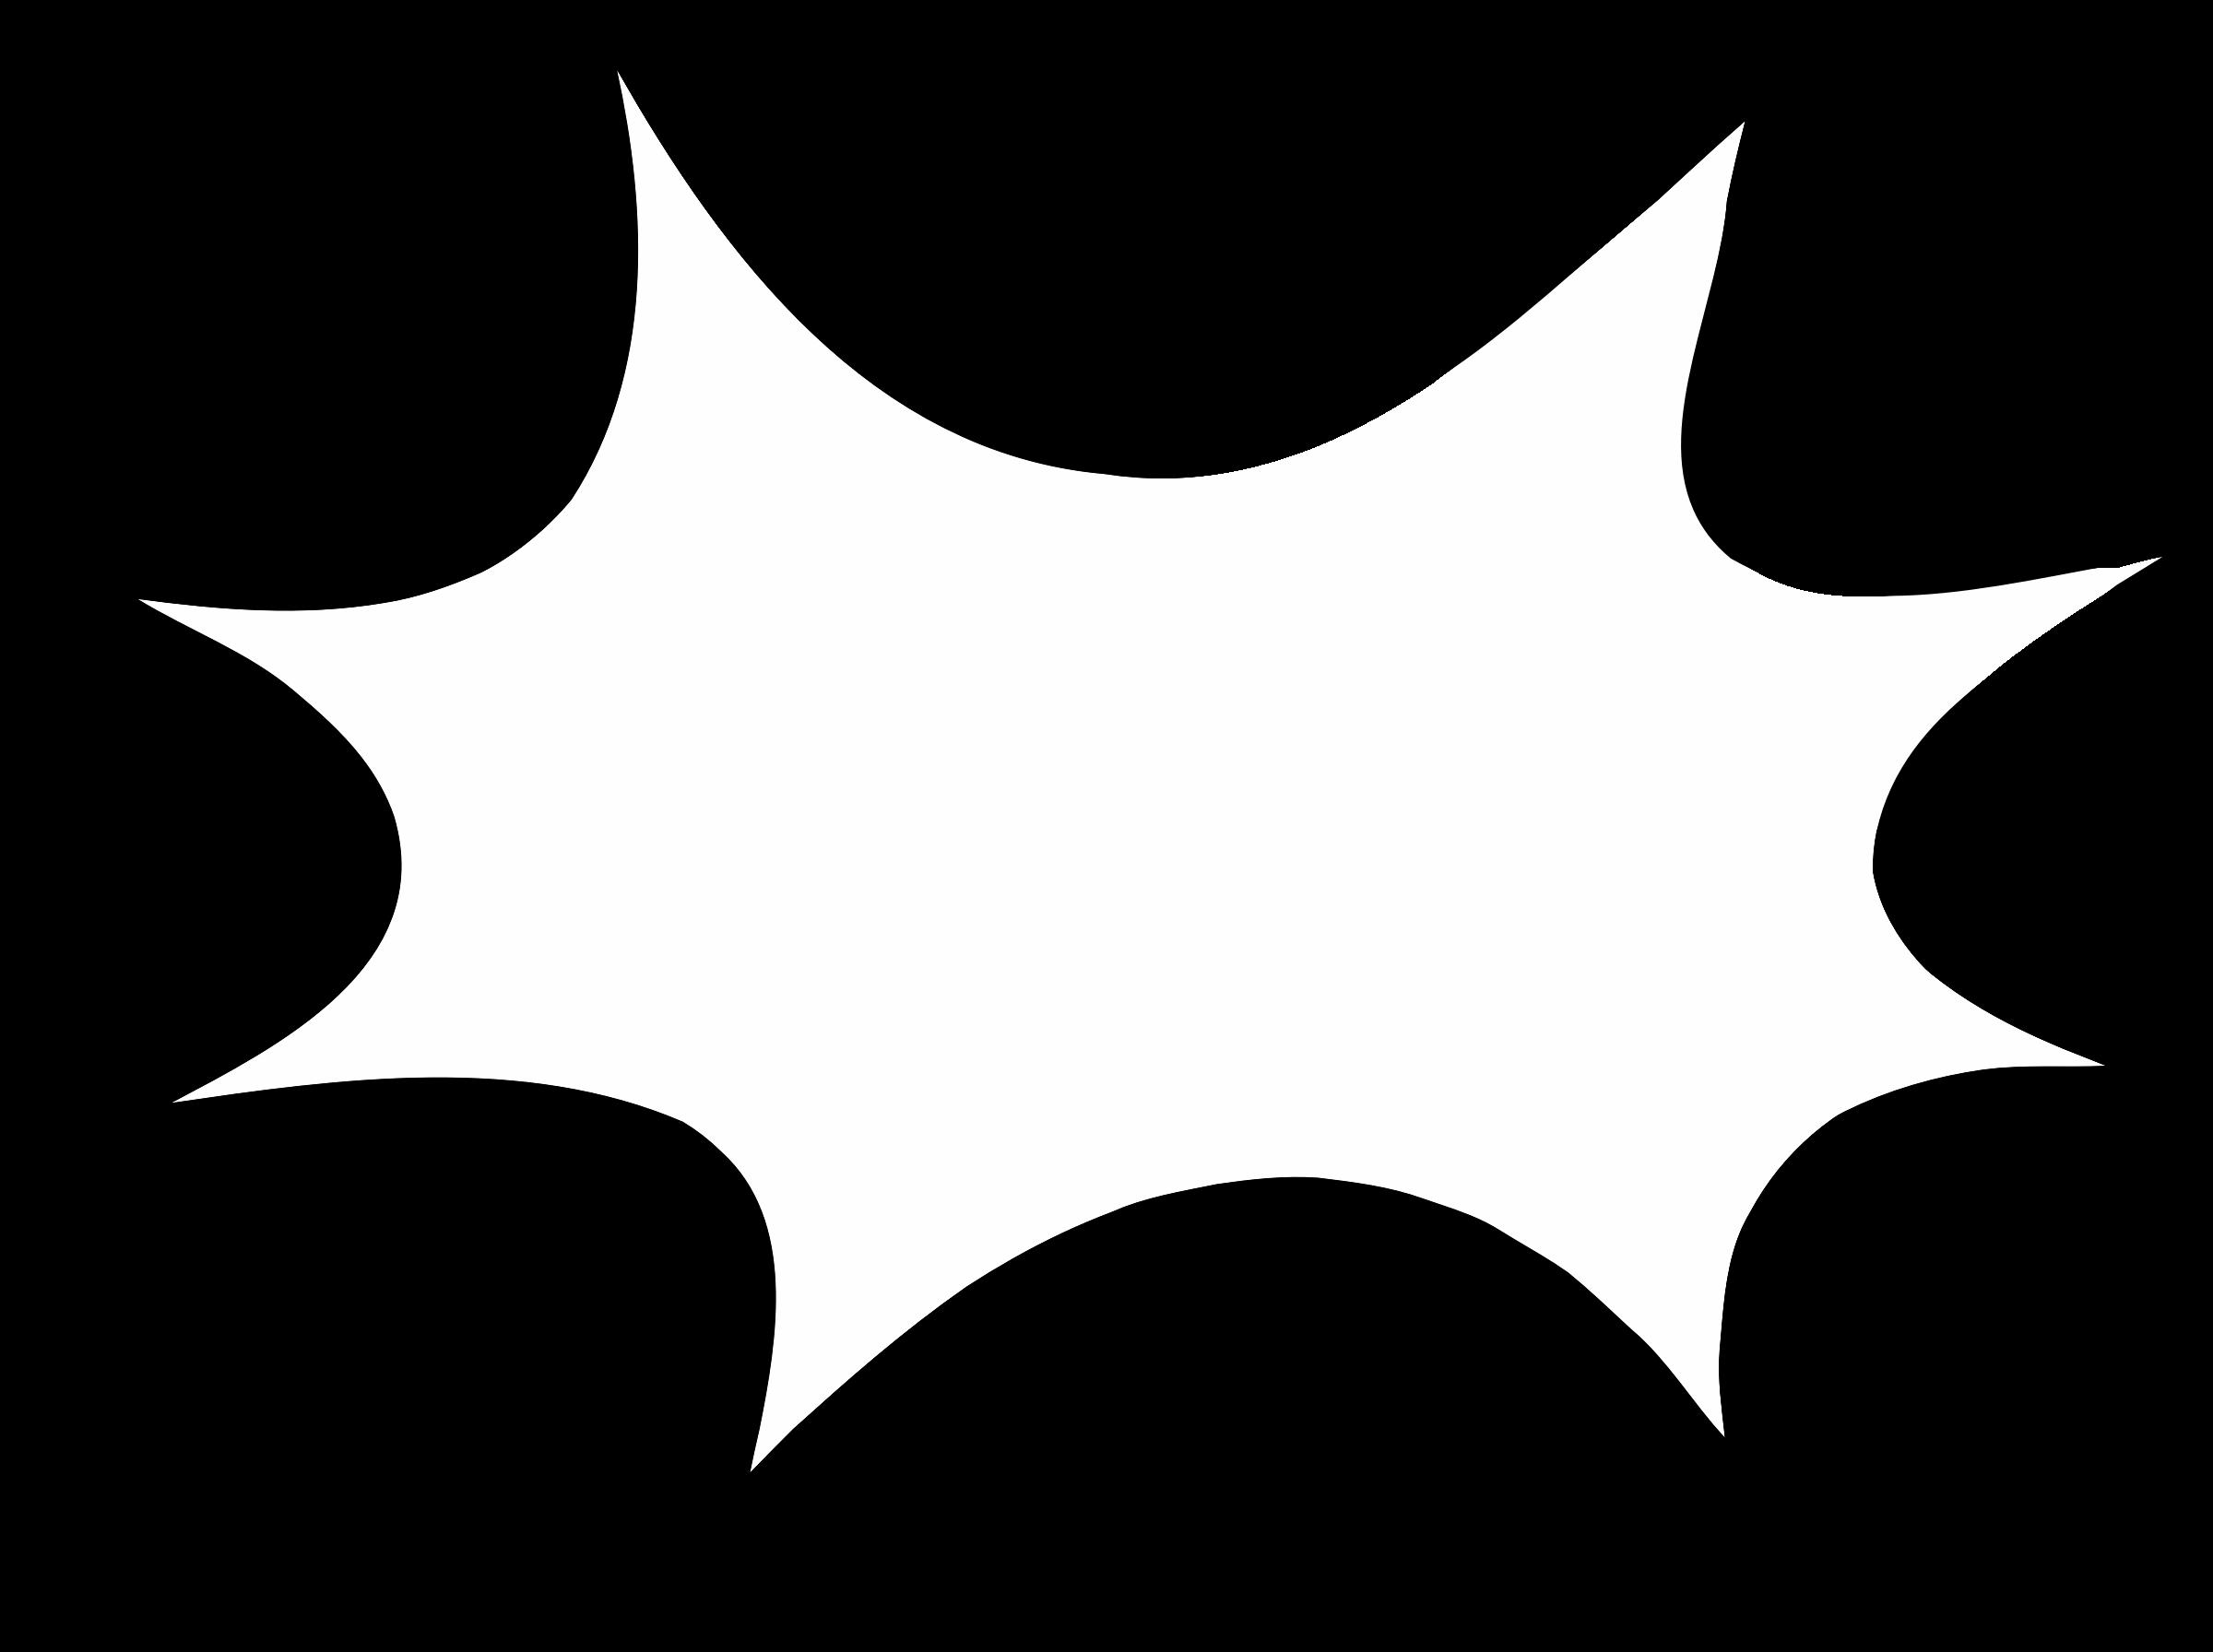 Big image png. Burst clipart starburst